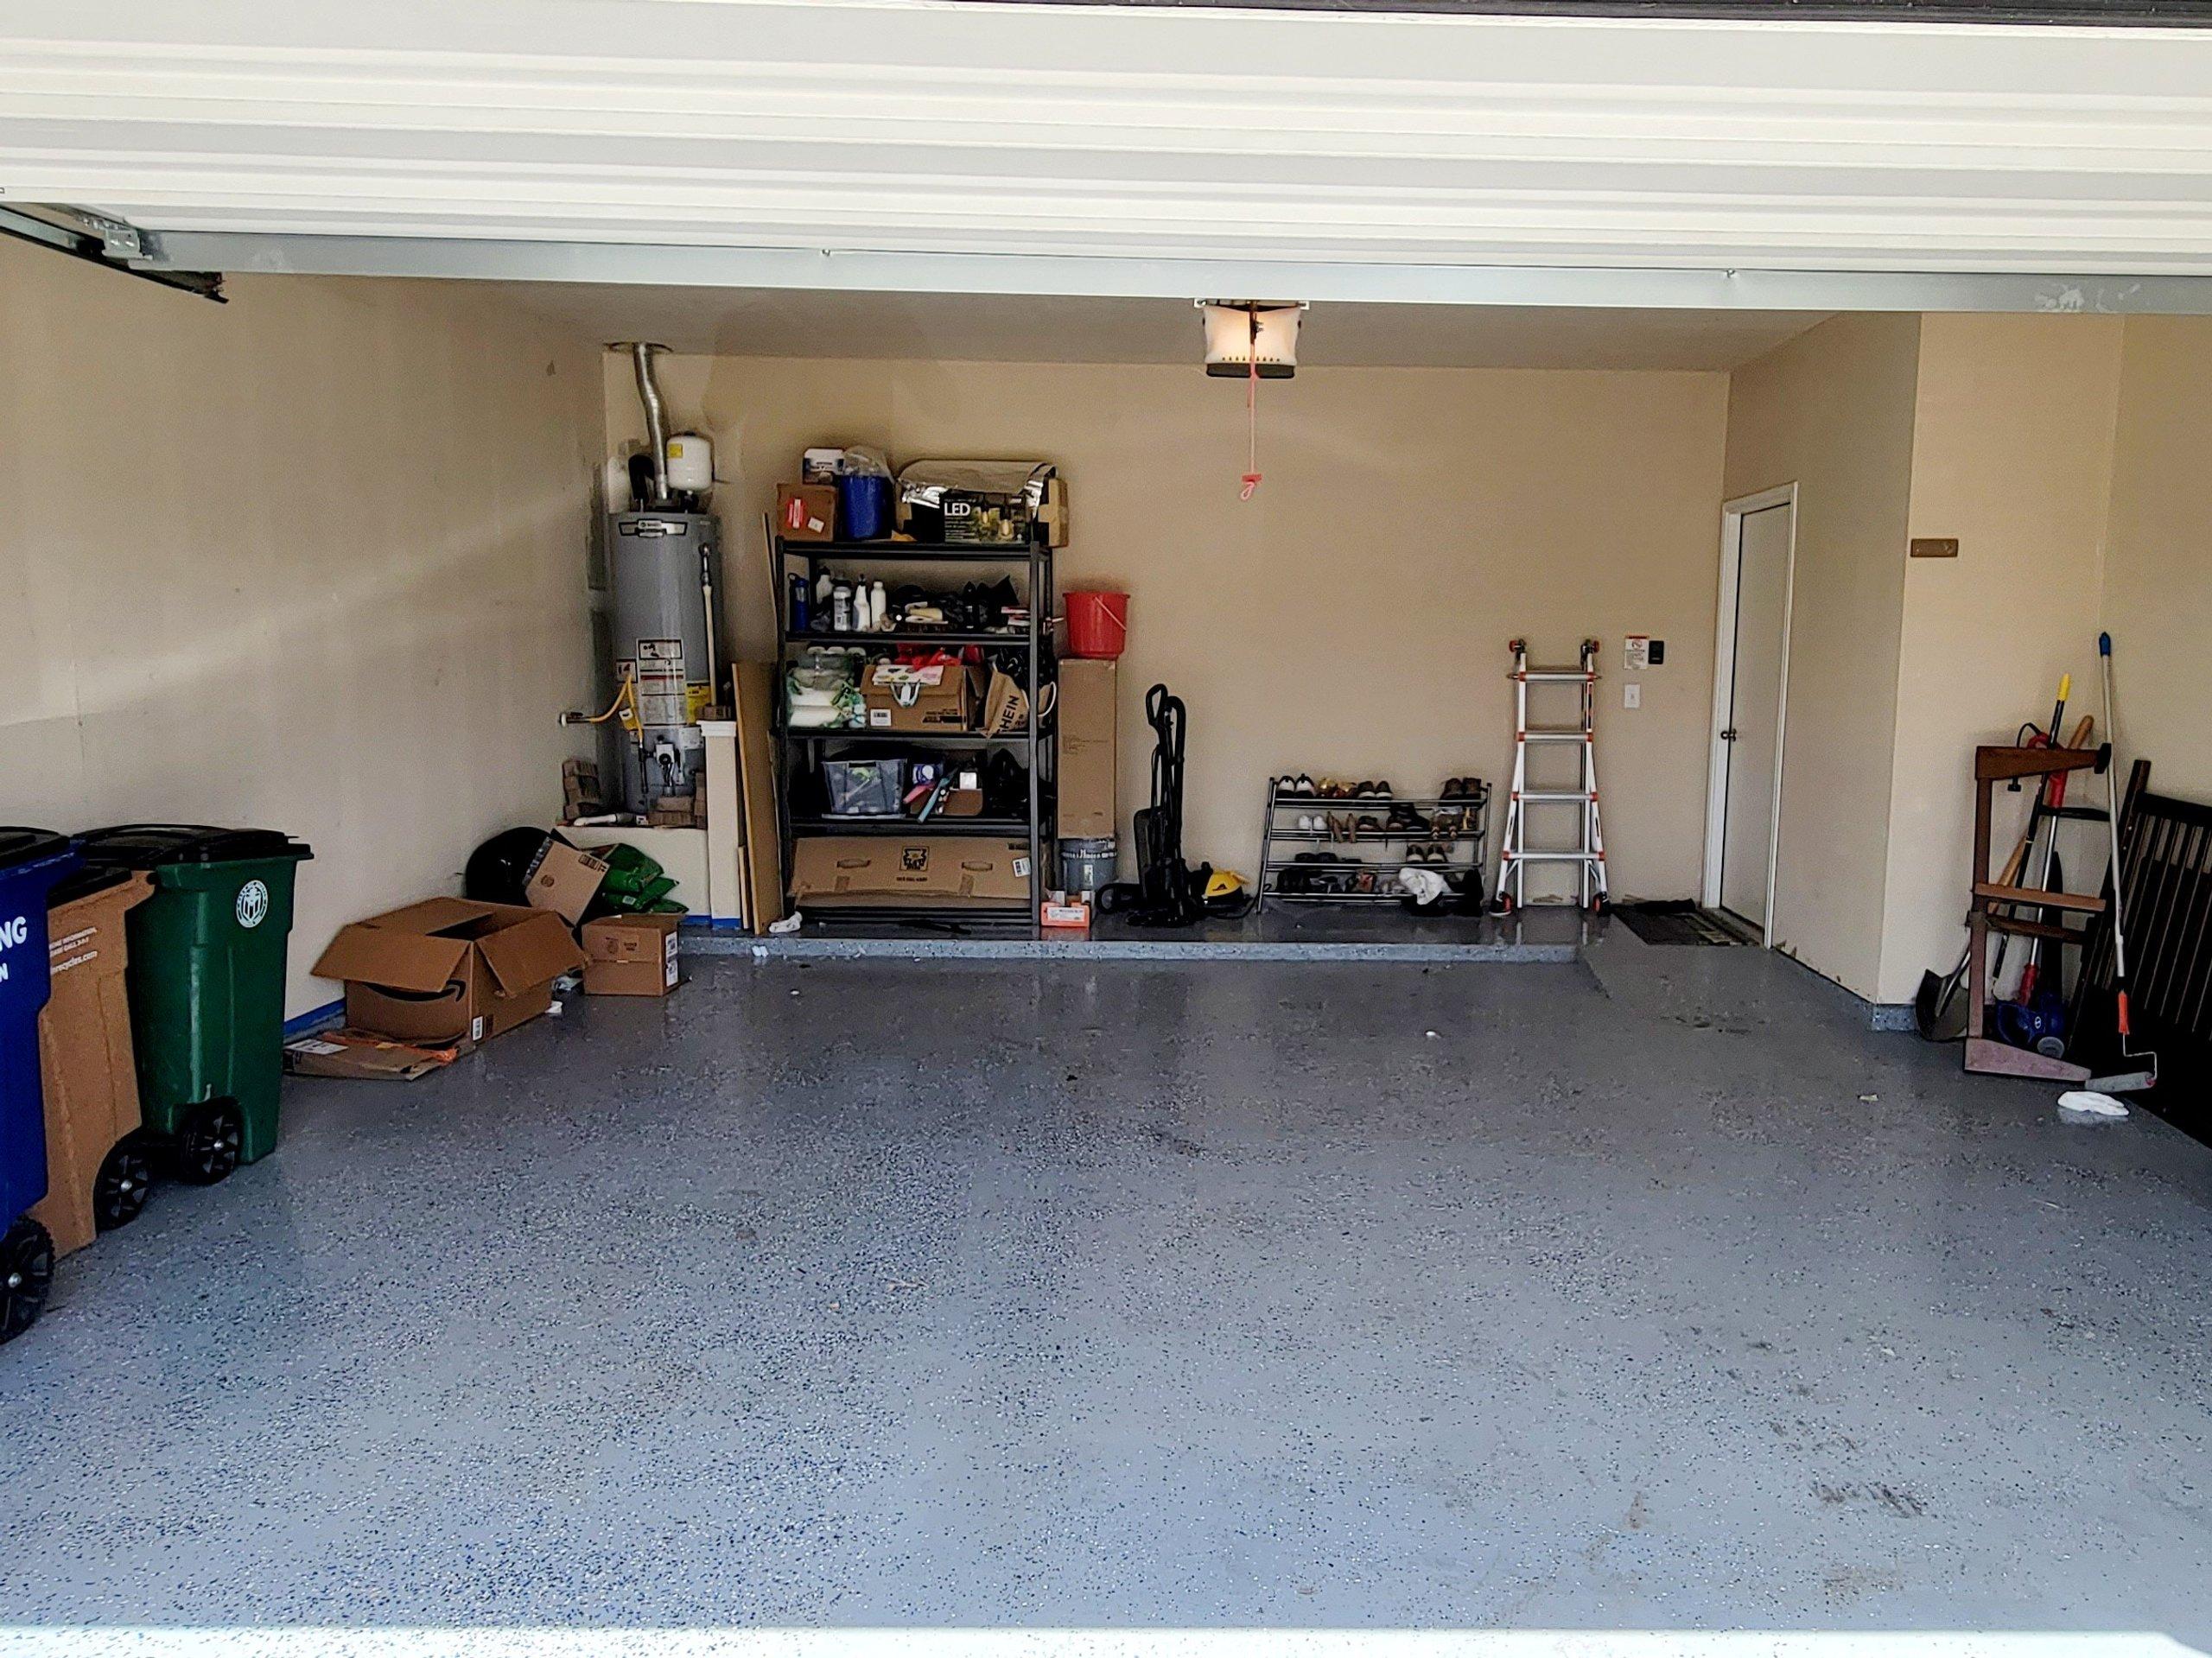 21x21 Garage self storage unit